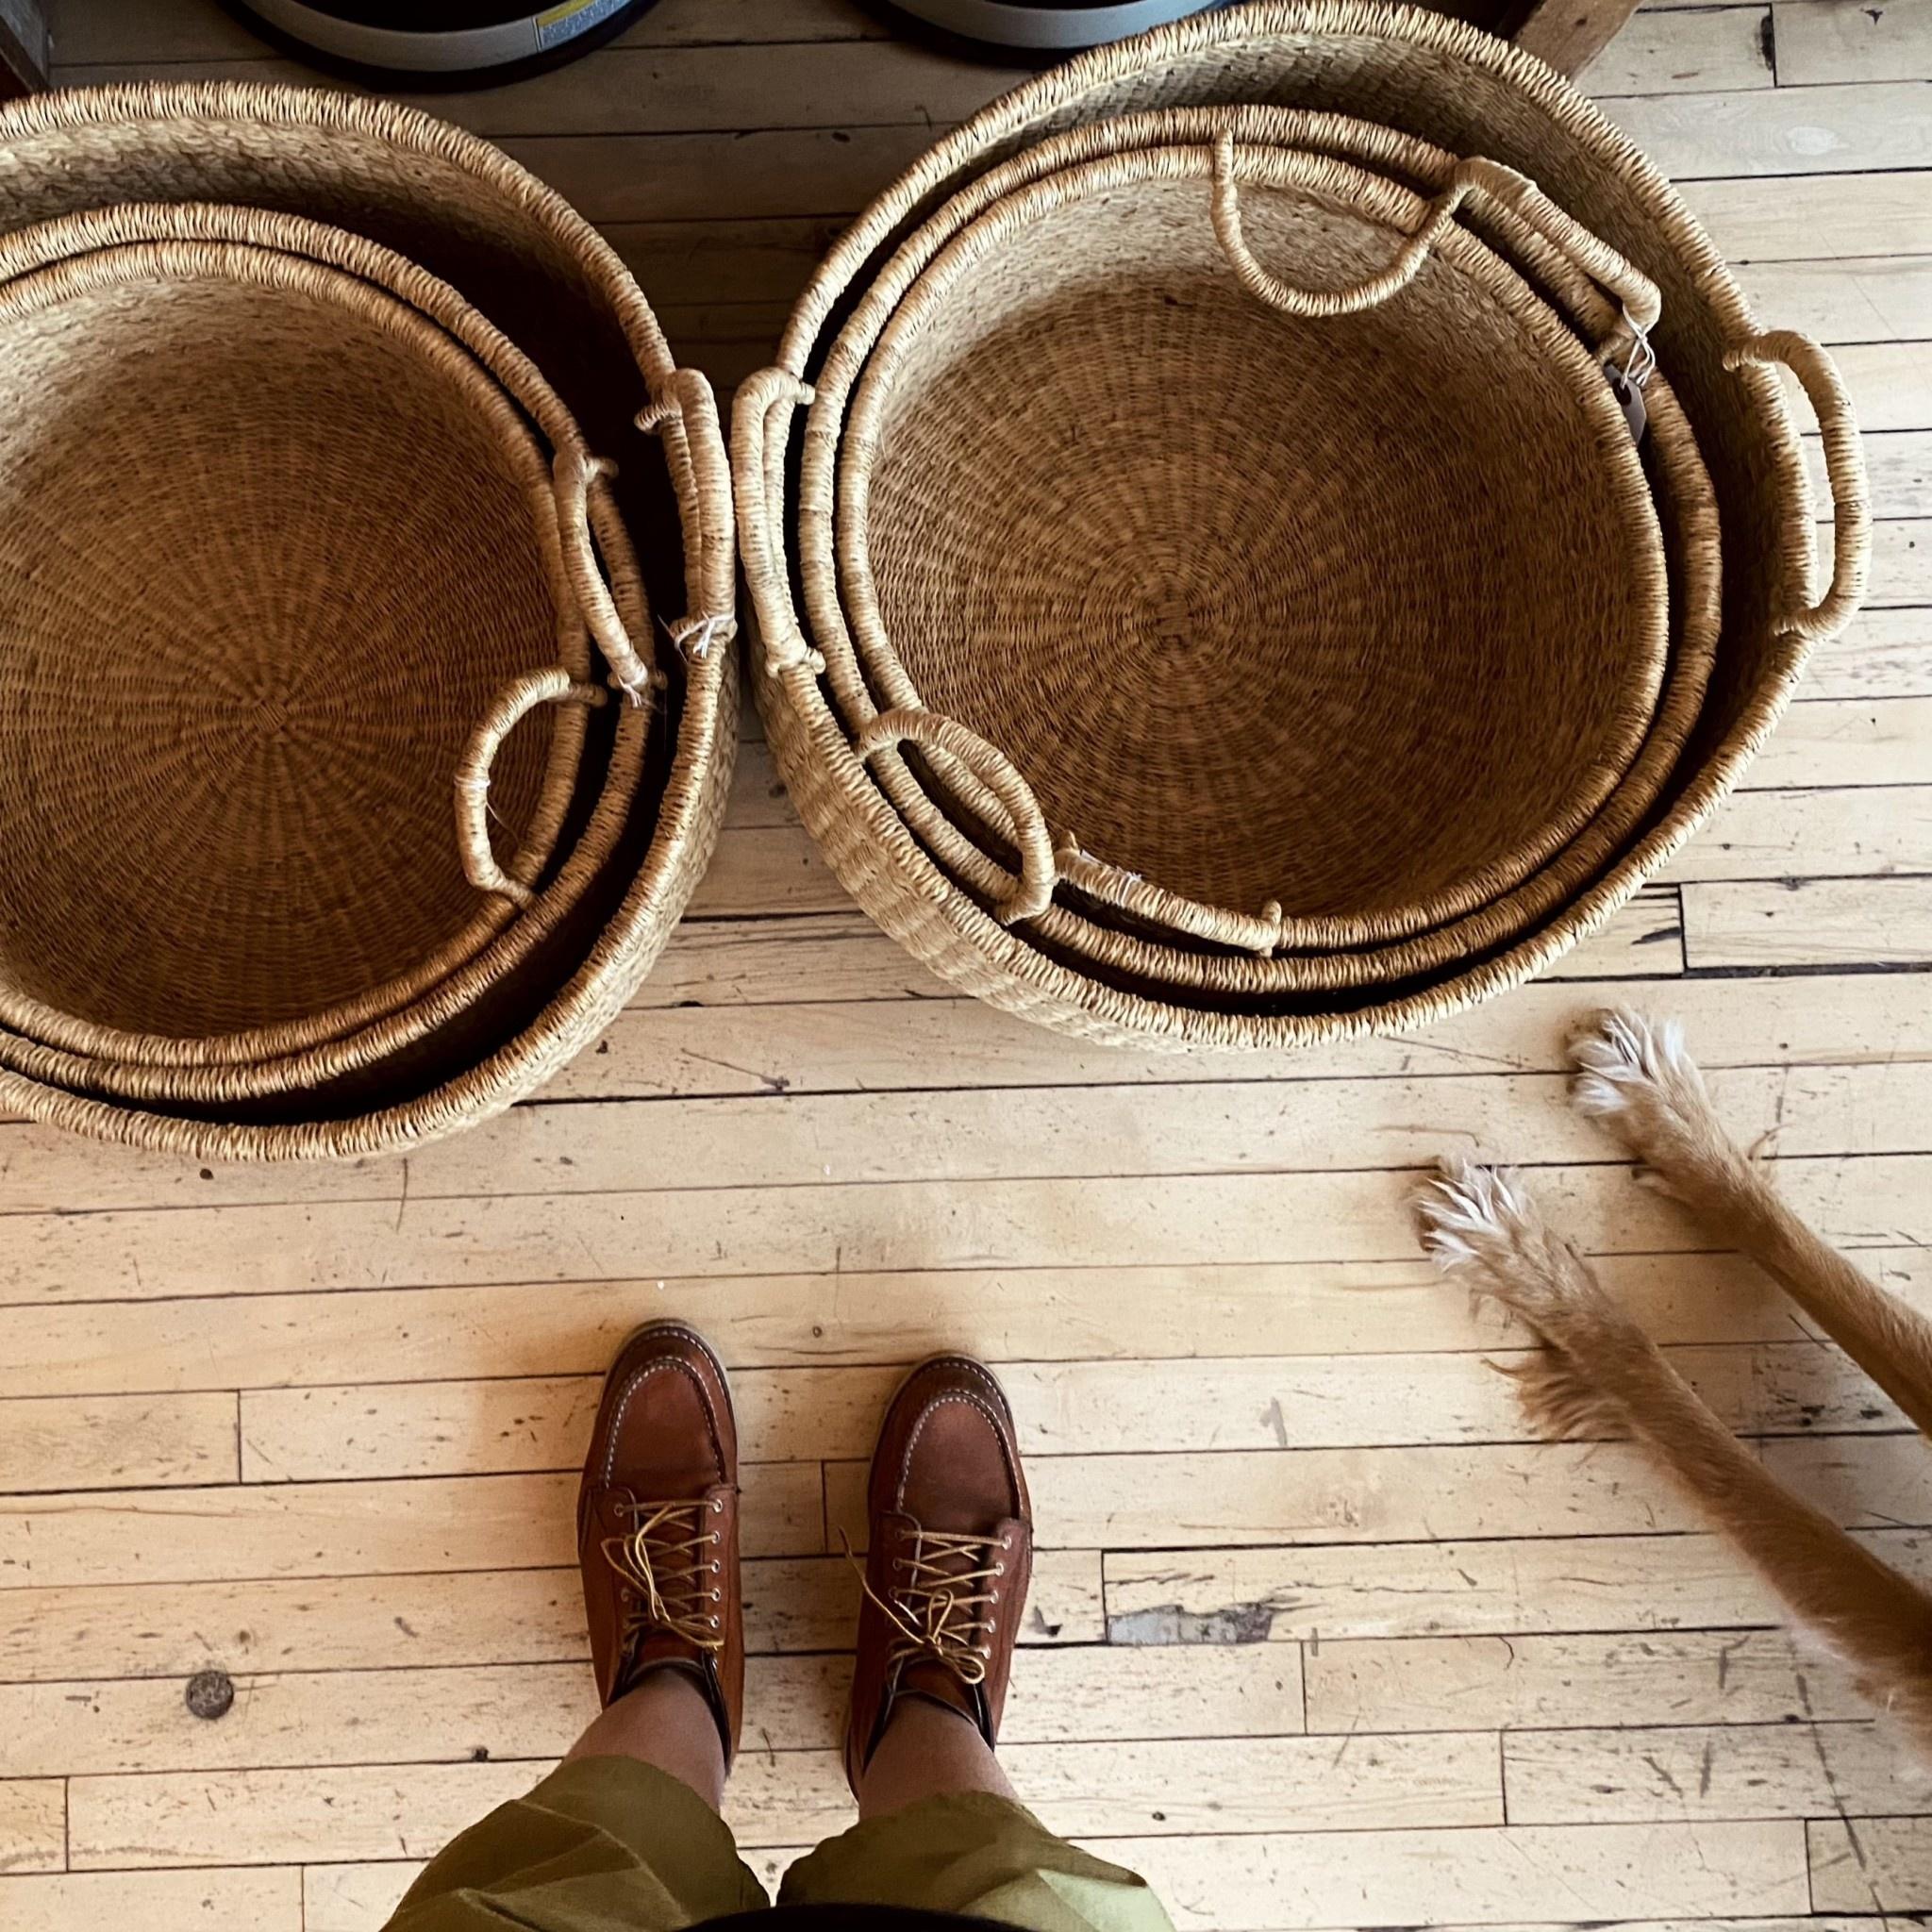 Natural Woven Grass Floor Basket - Medium